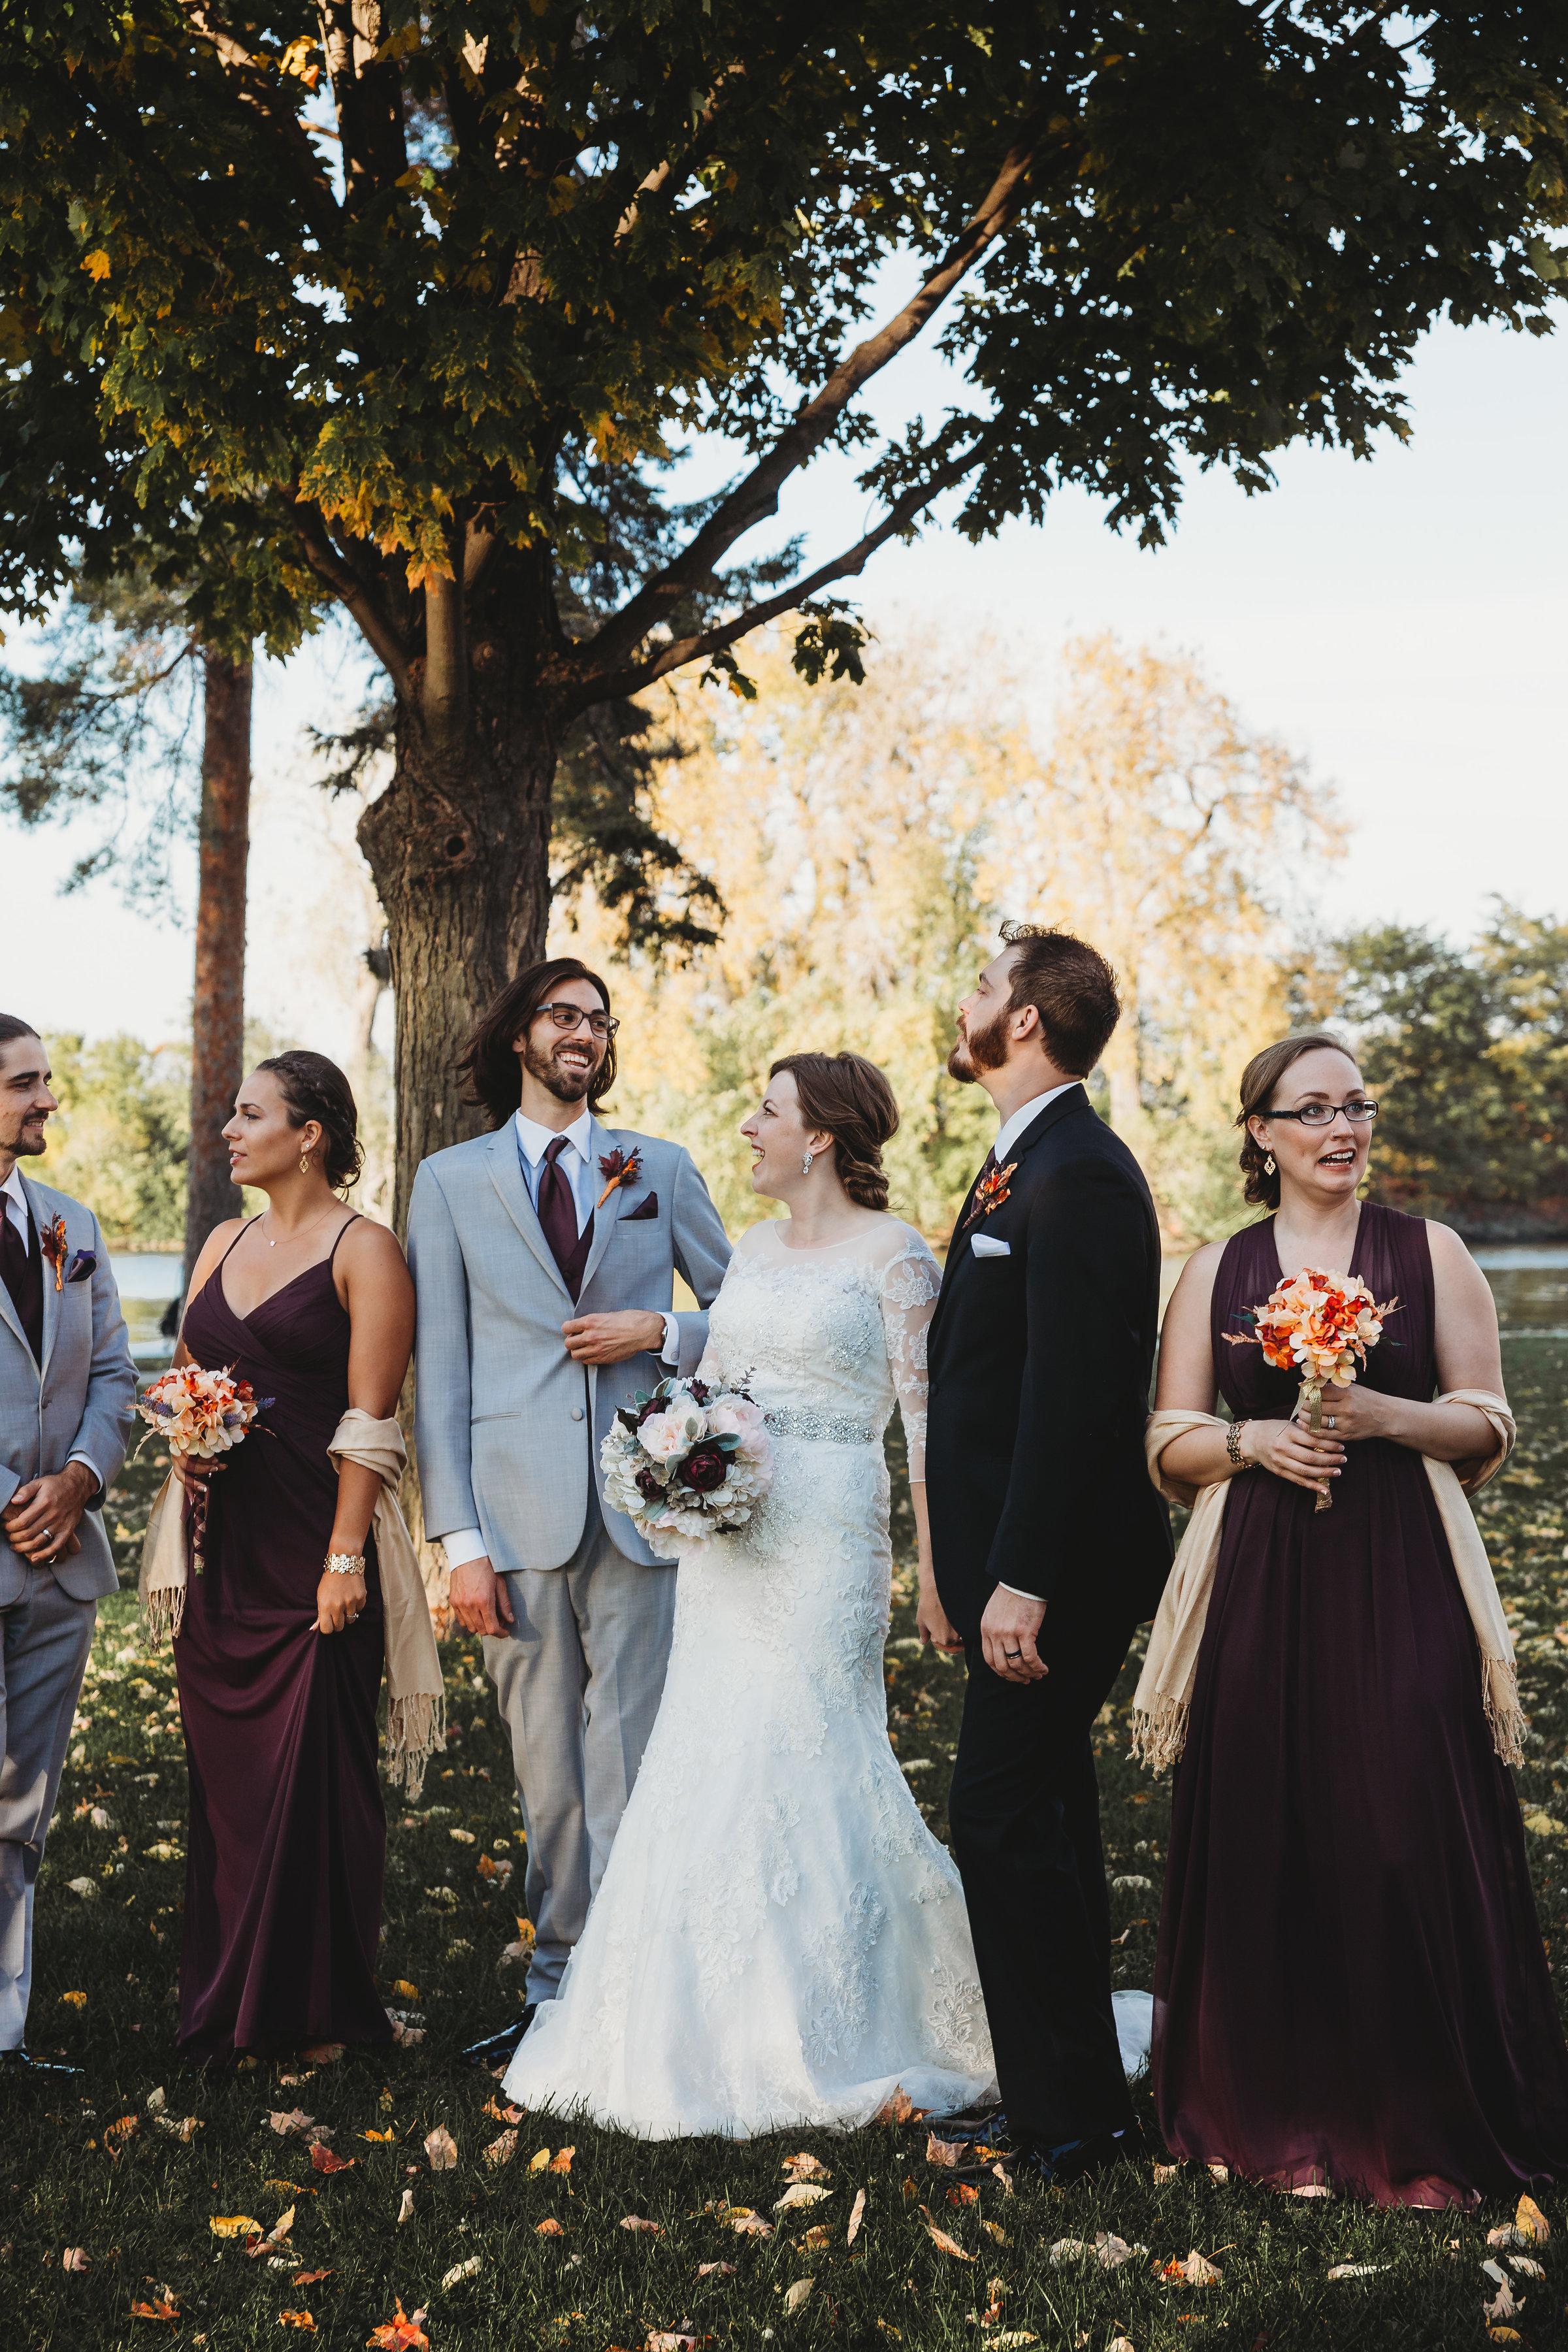 NicoleAndJonathan-WeddingParty93.JPG